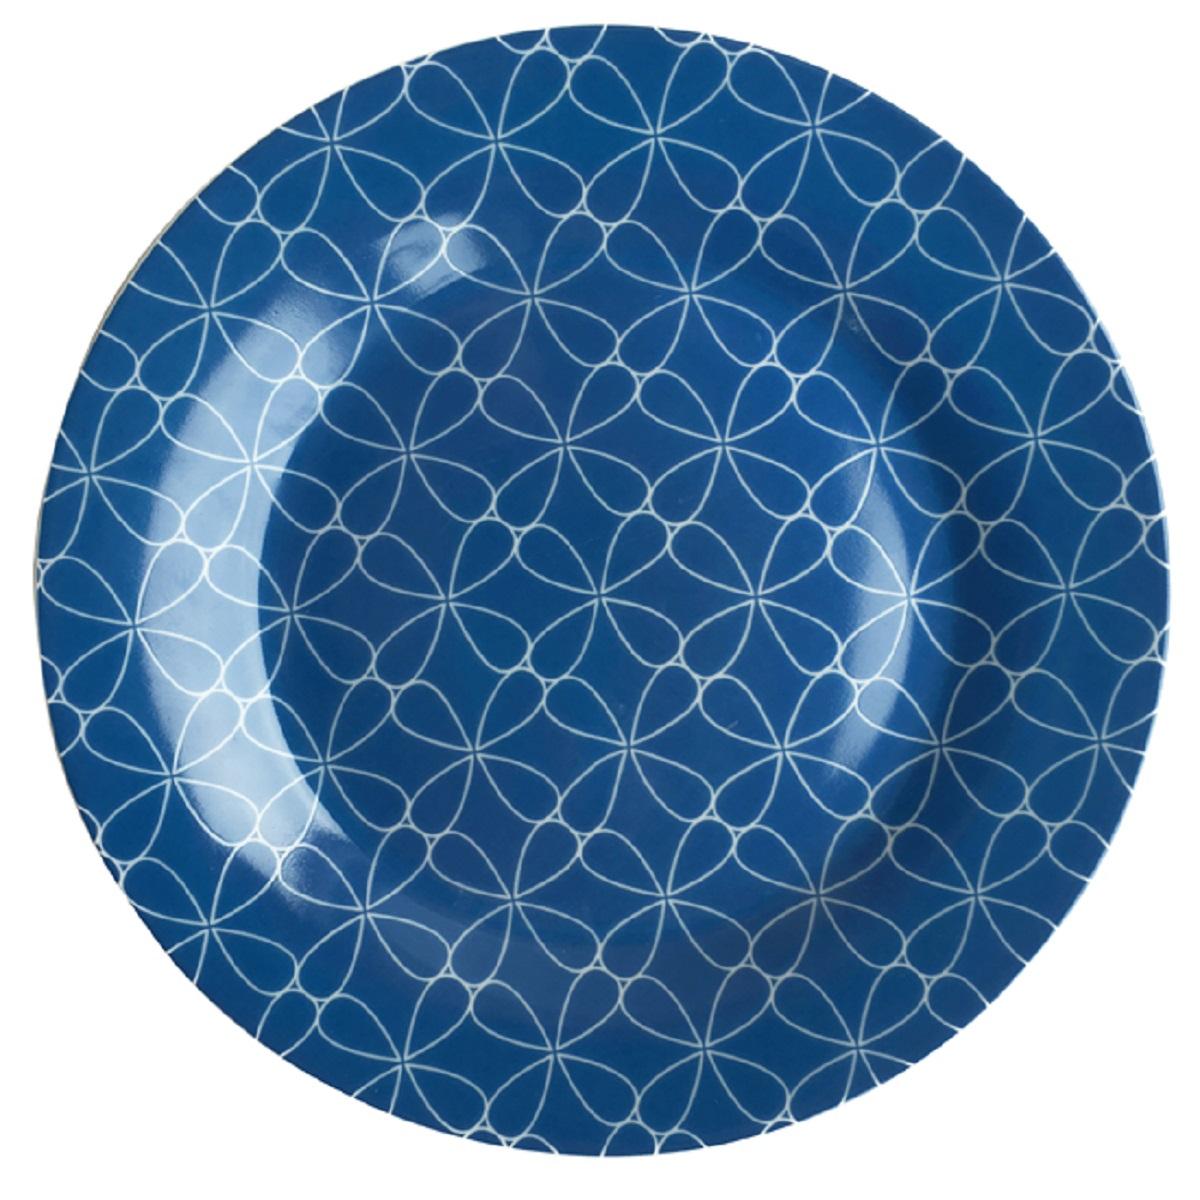 Тарелка десертная МФК-профит Белла, диаметр 18 см ложка кулинарная мфк профит comfort длина 32 см